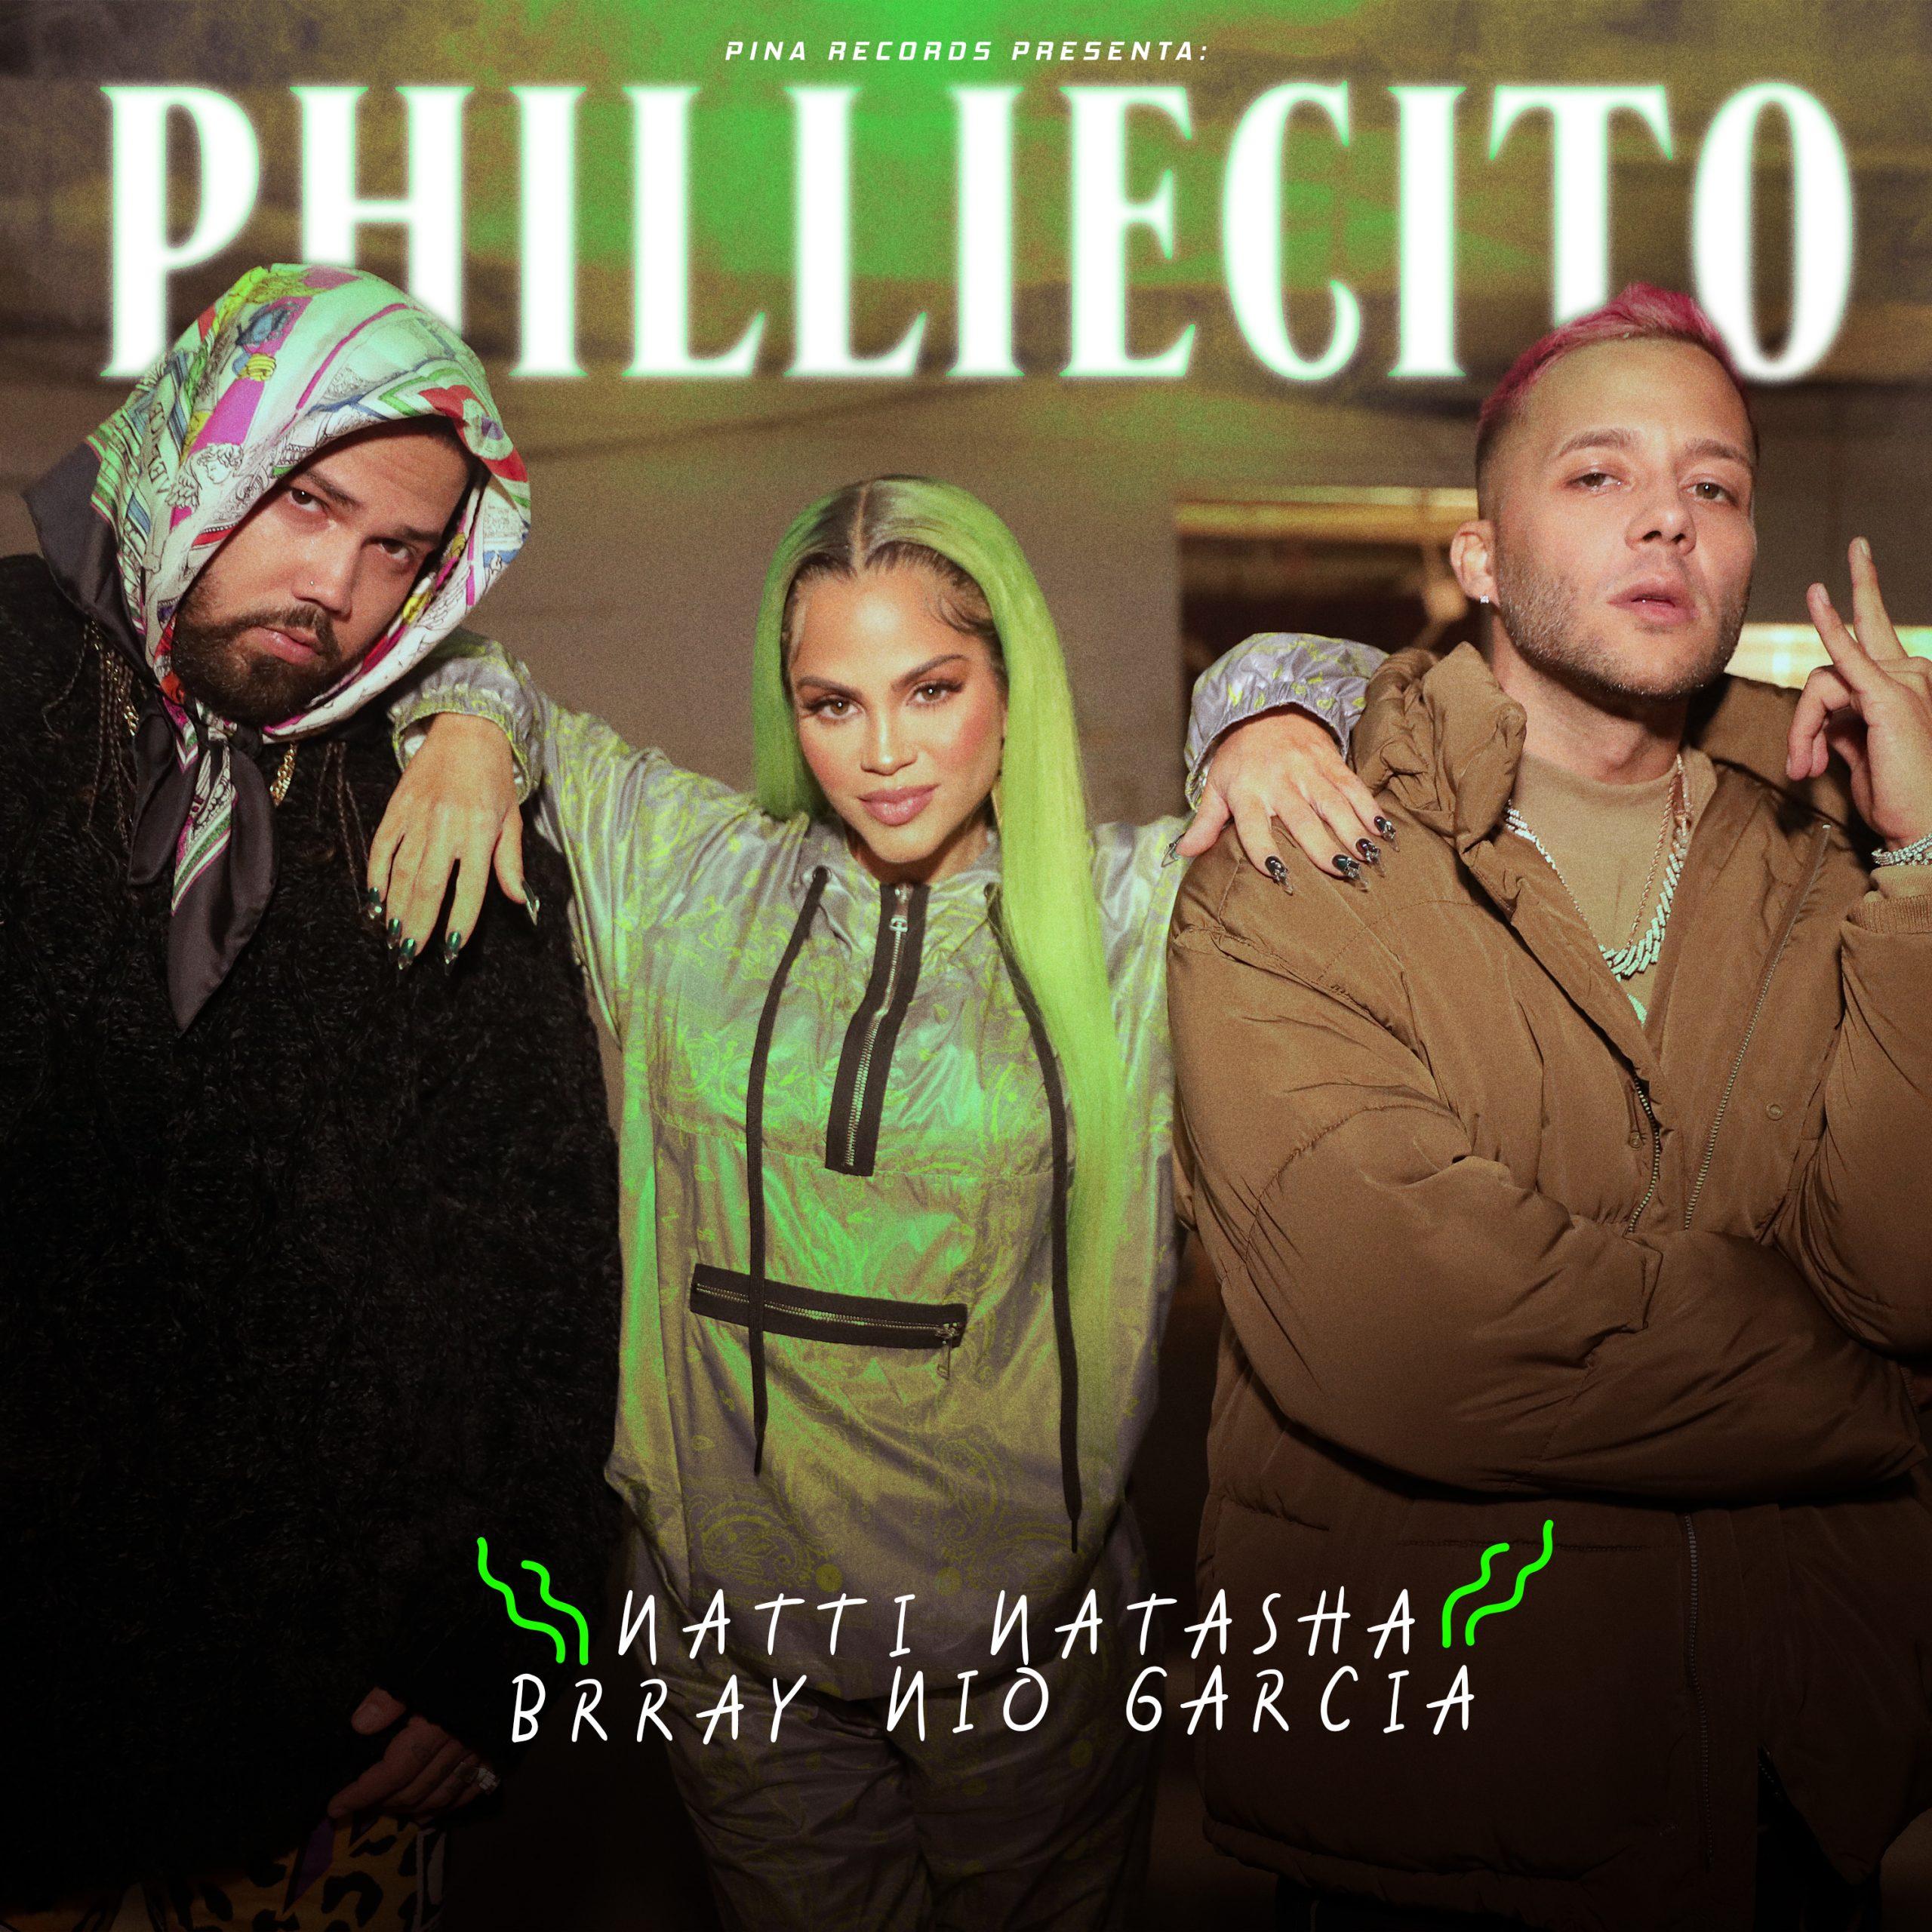 NN-NIO-BRRAY-Philliecito-Cover